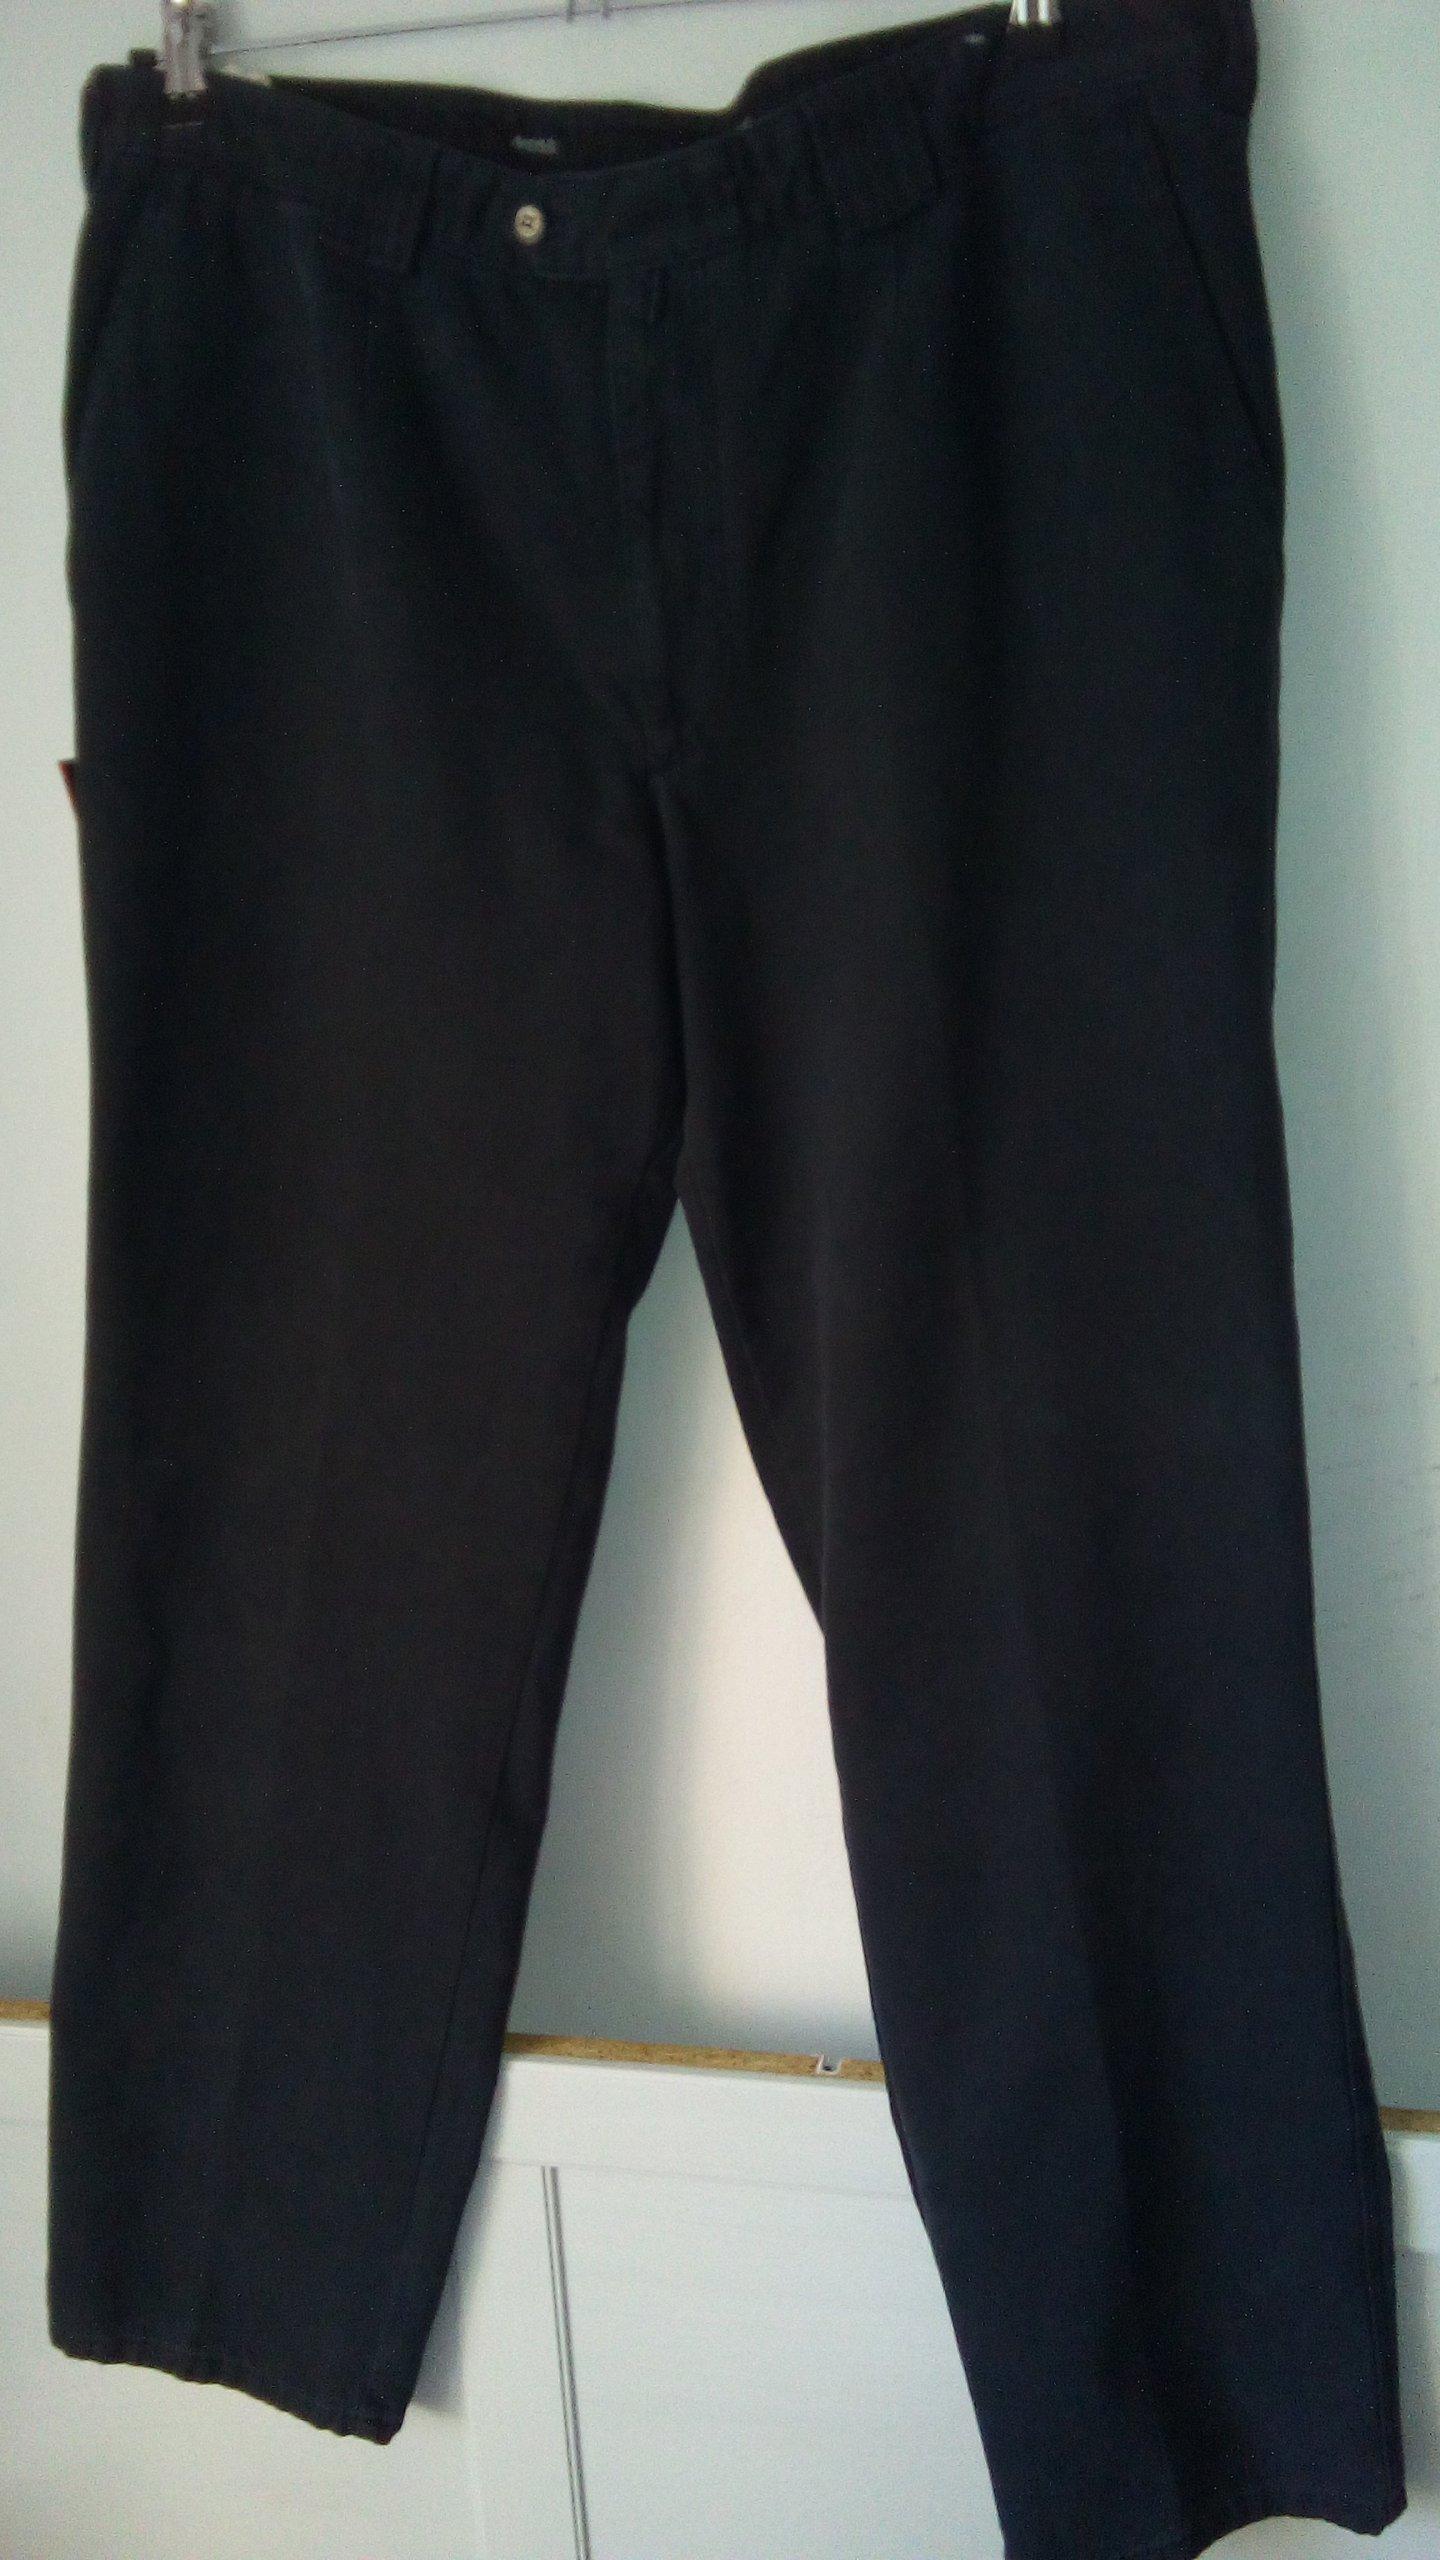 Spodnie  Meyer 54/56/58 pas108 42/32/ 276zł